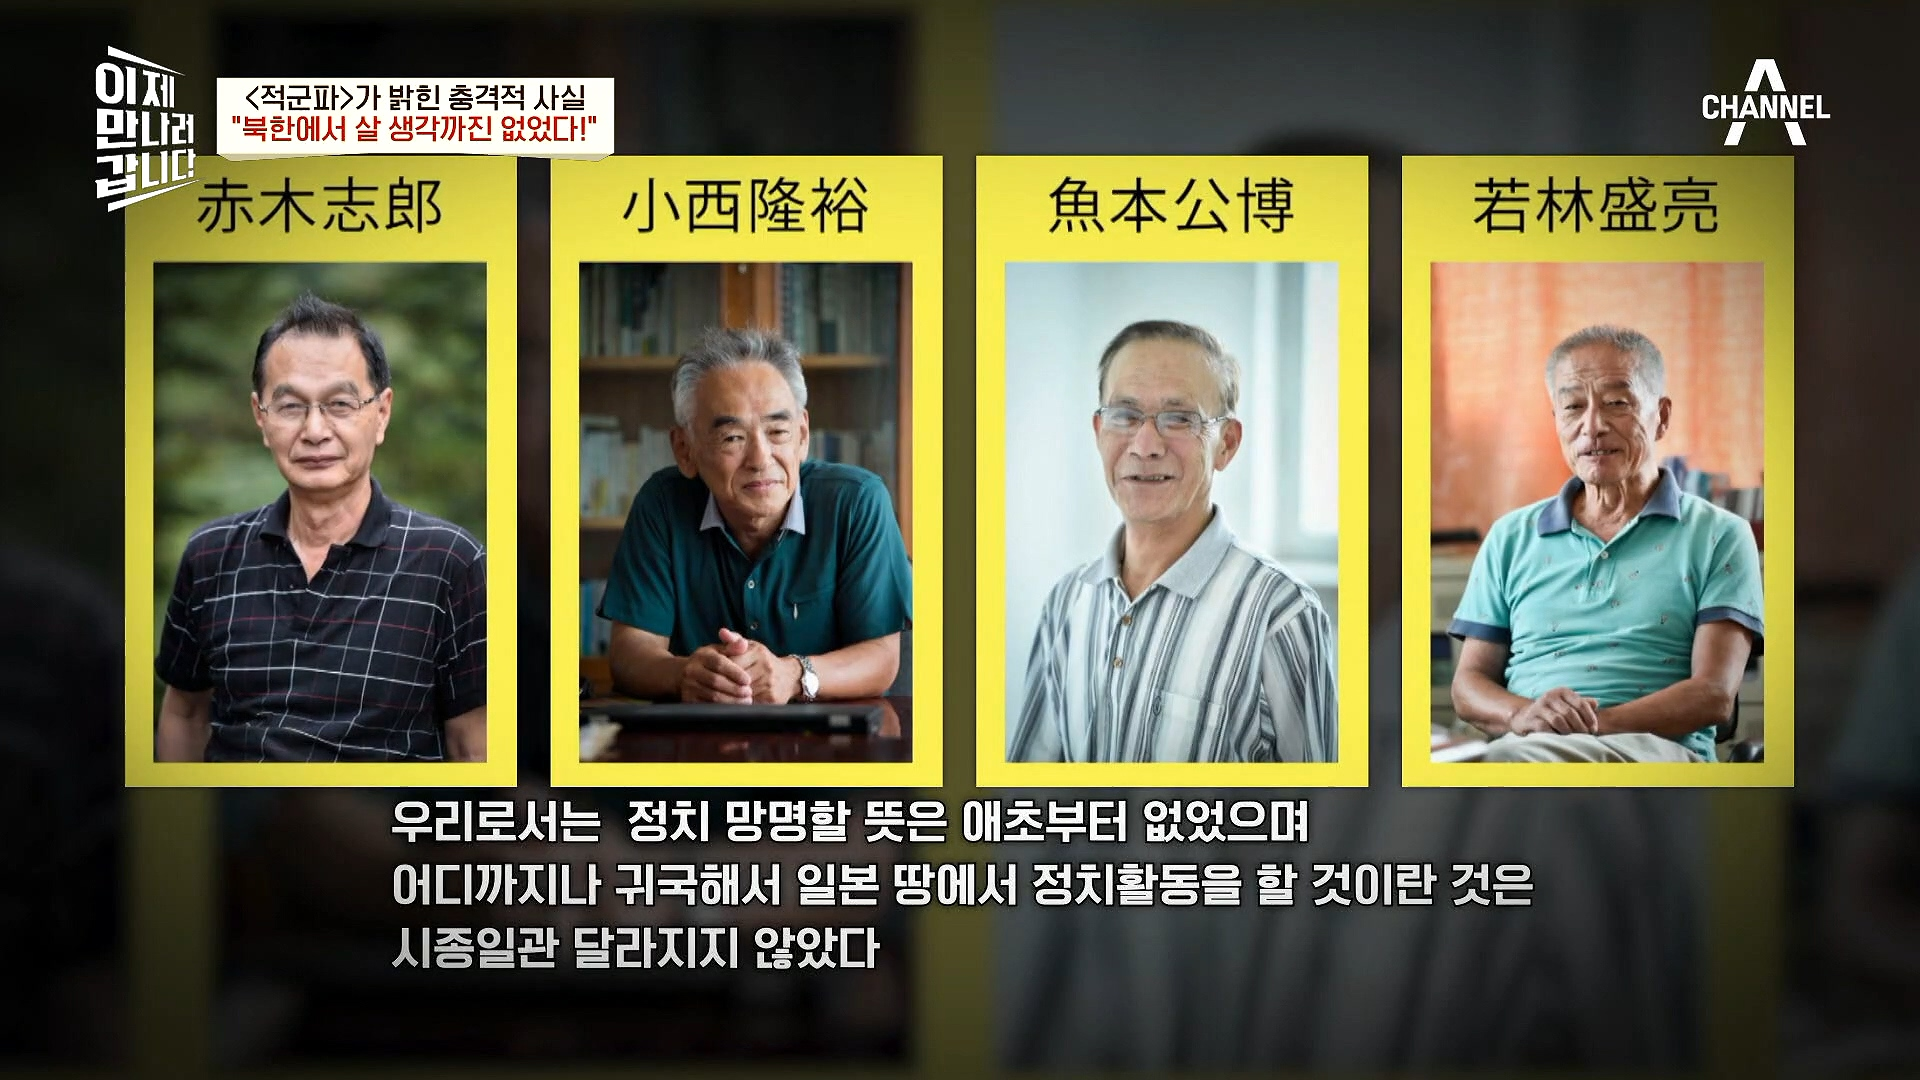 일본 여객기 납치범 '적군파', 북한에서 SNS를 사용....